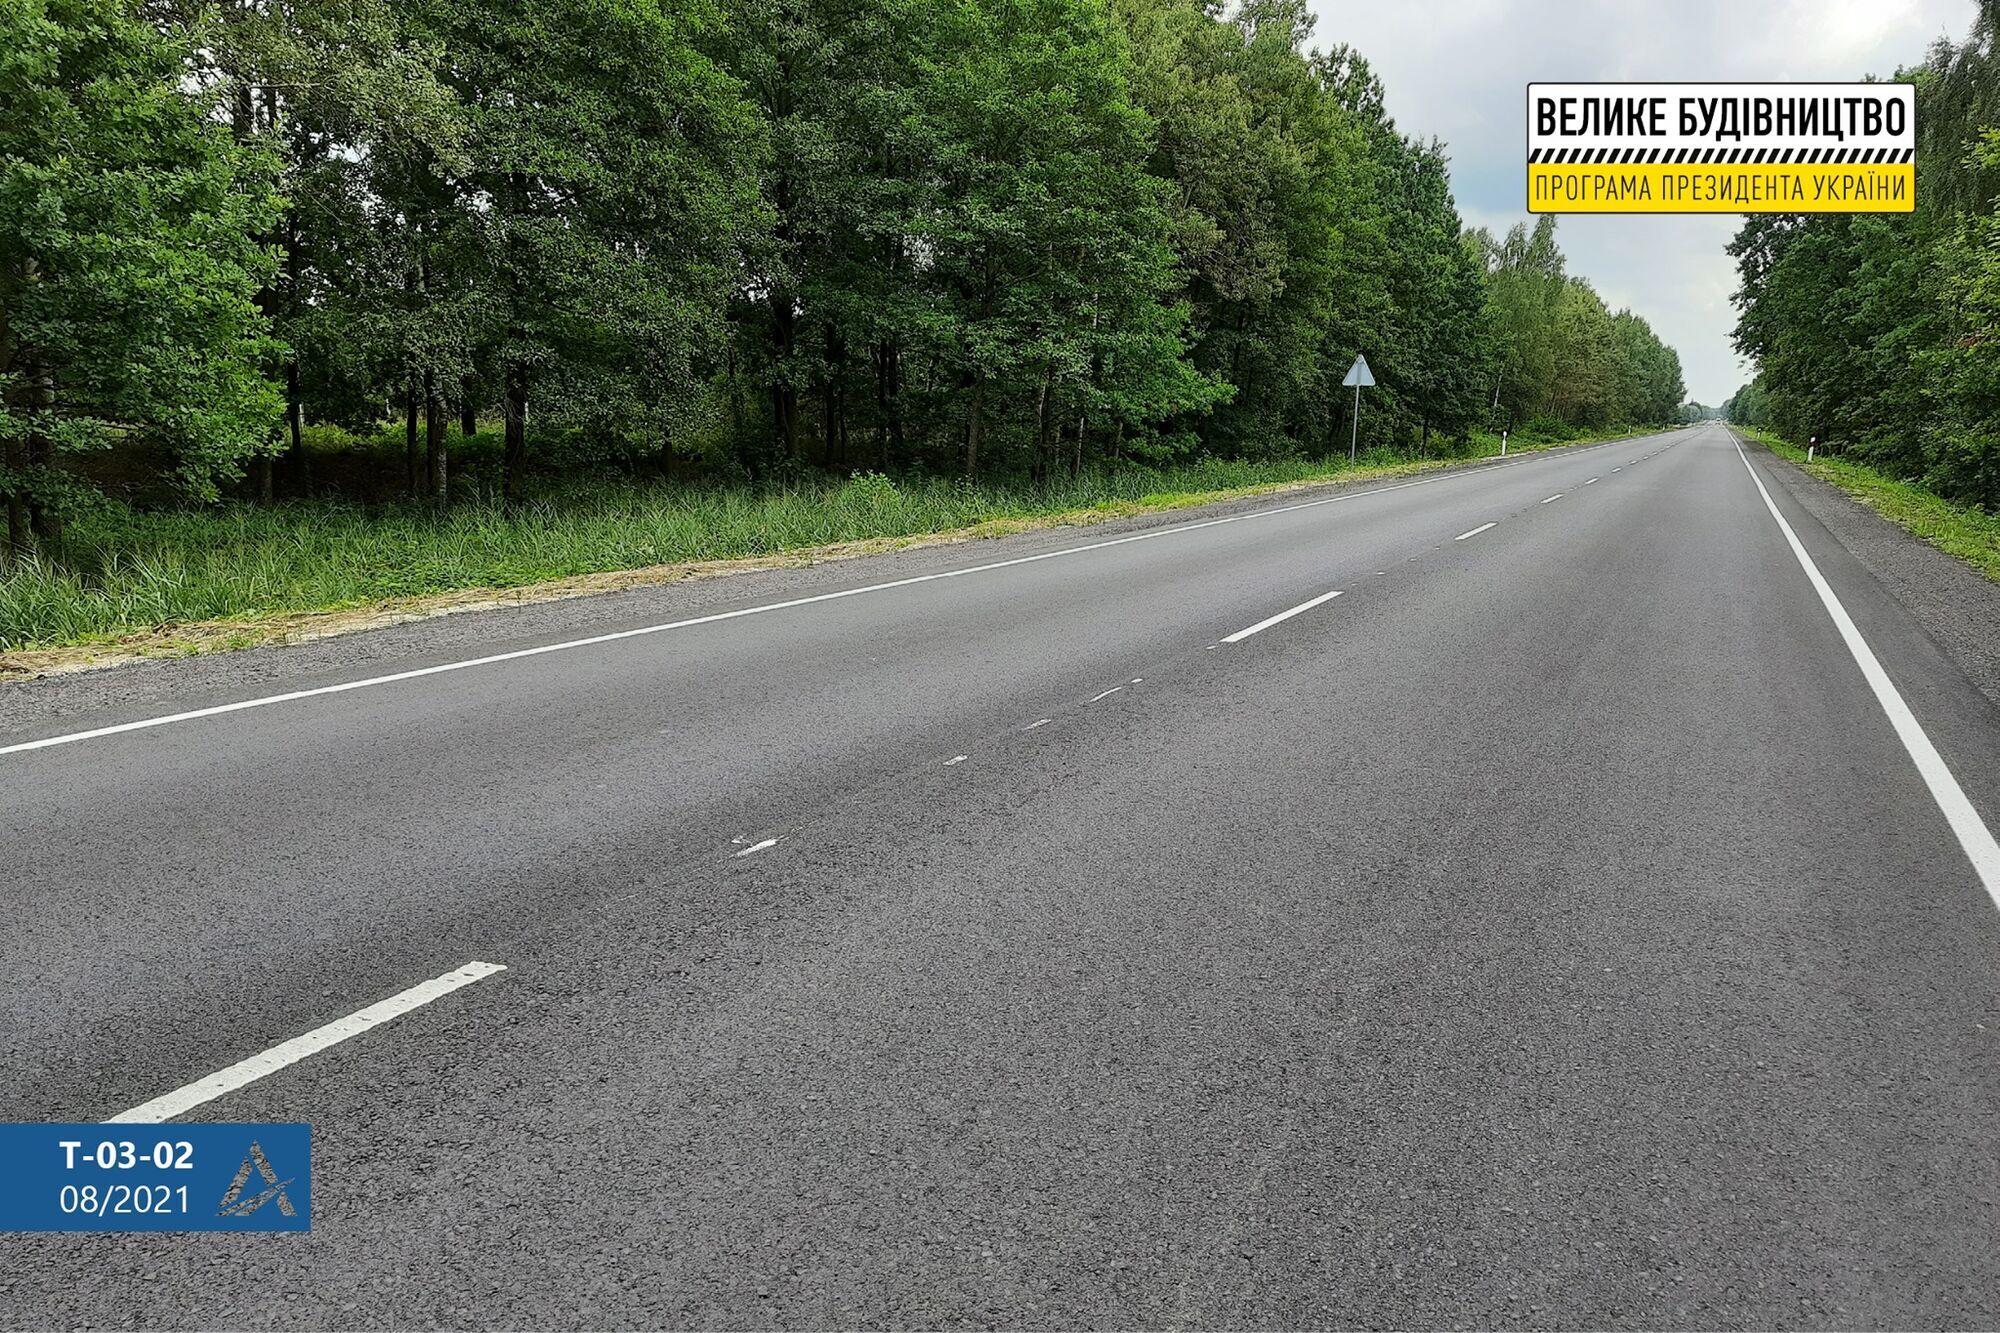 До ремонта покрытие дорог было из щебня и брусчатки